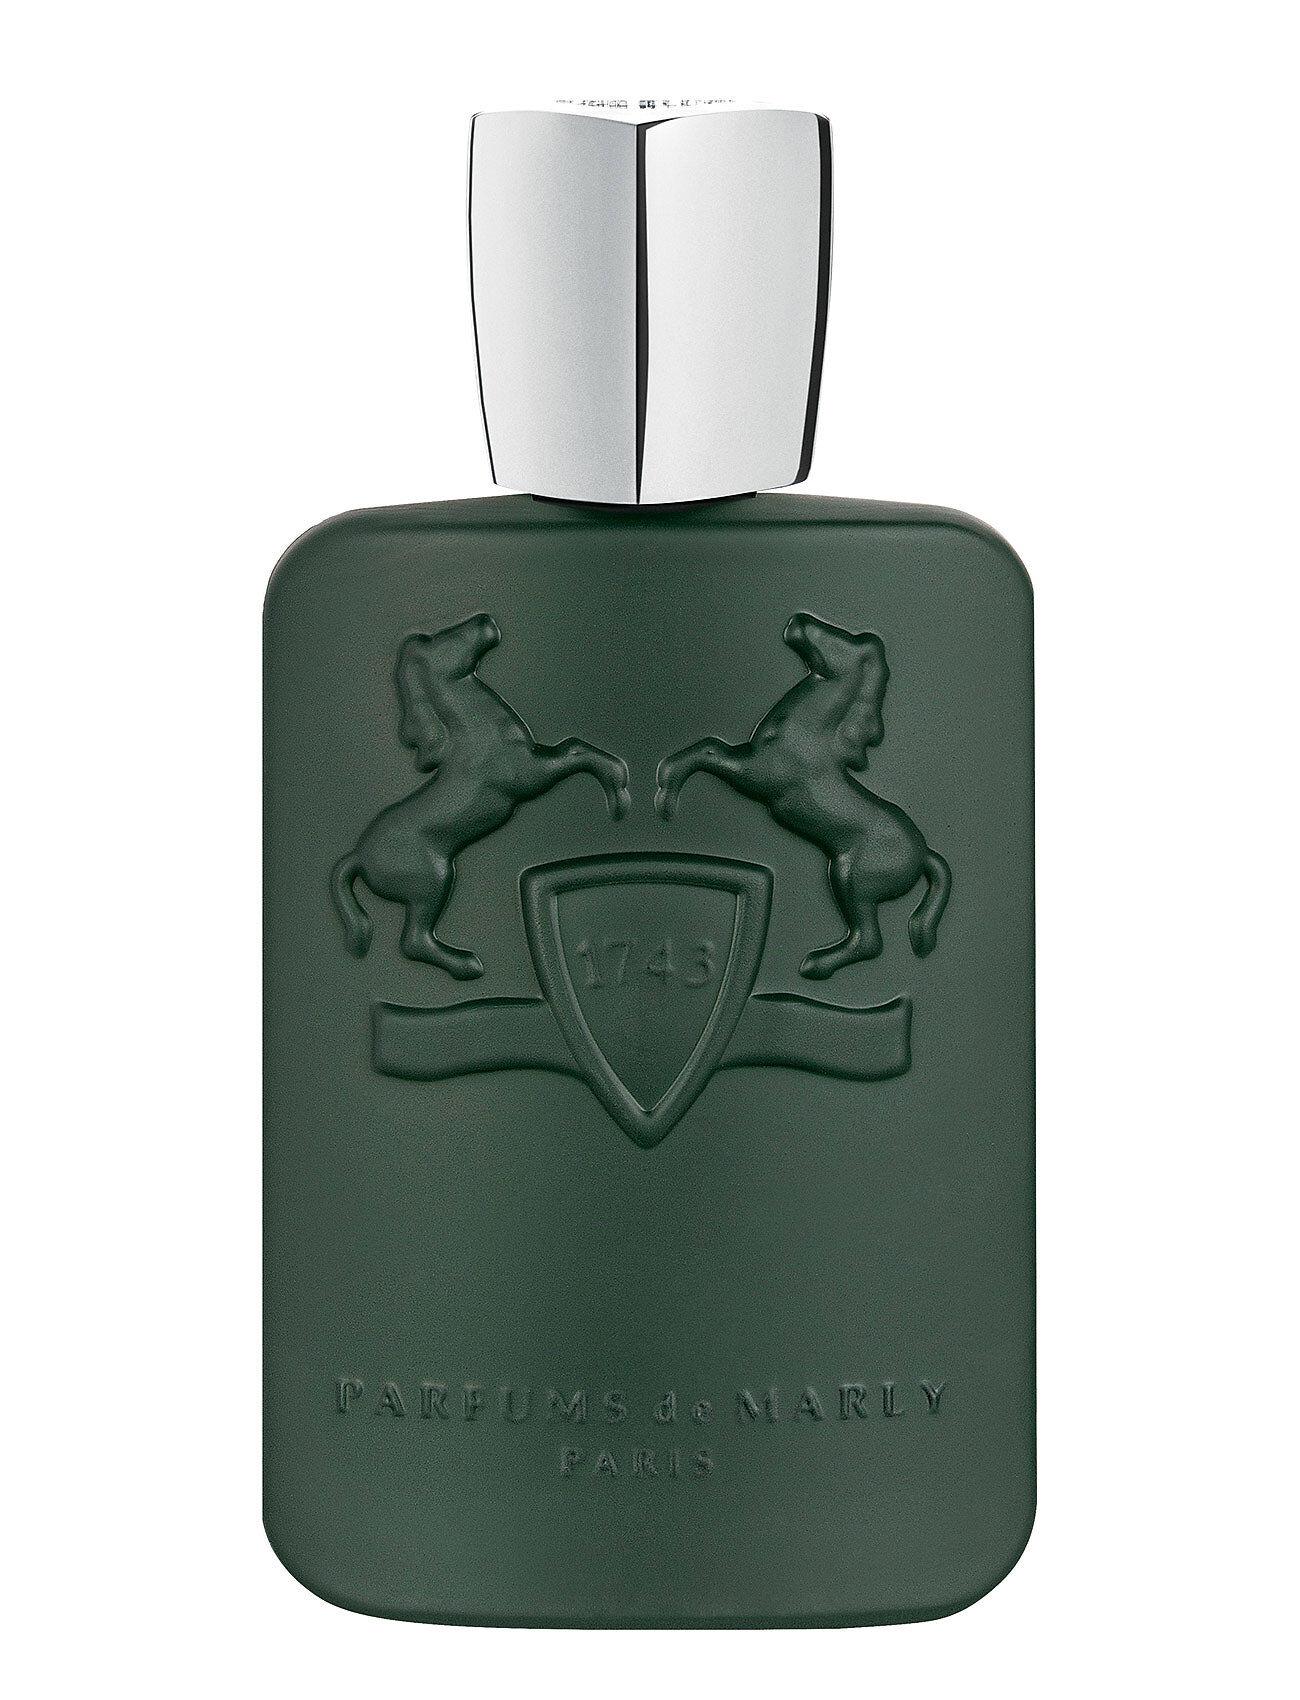 Parfums de Marly Byerley Edp 125 Ml Hajuvesi Eau De Parfum Nude Parfums De Marly